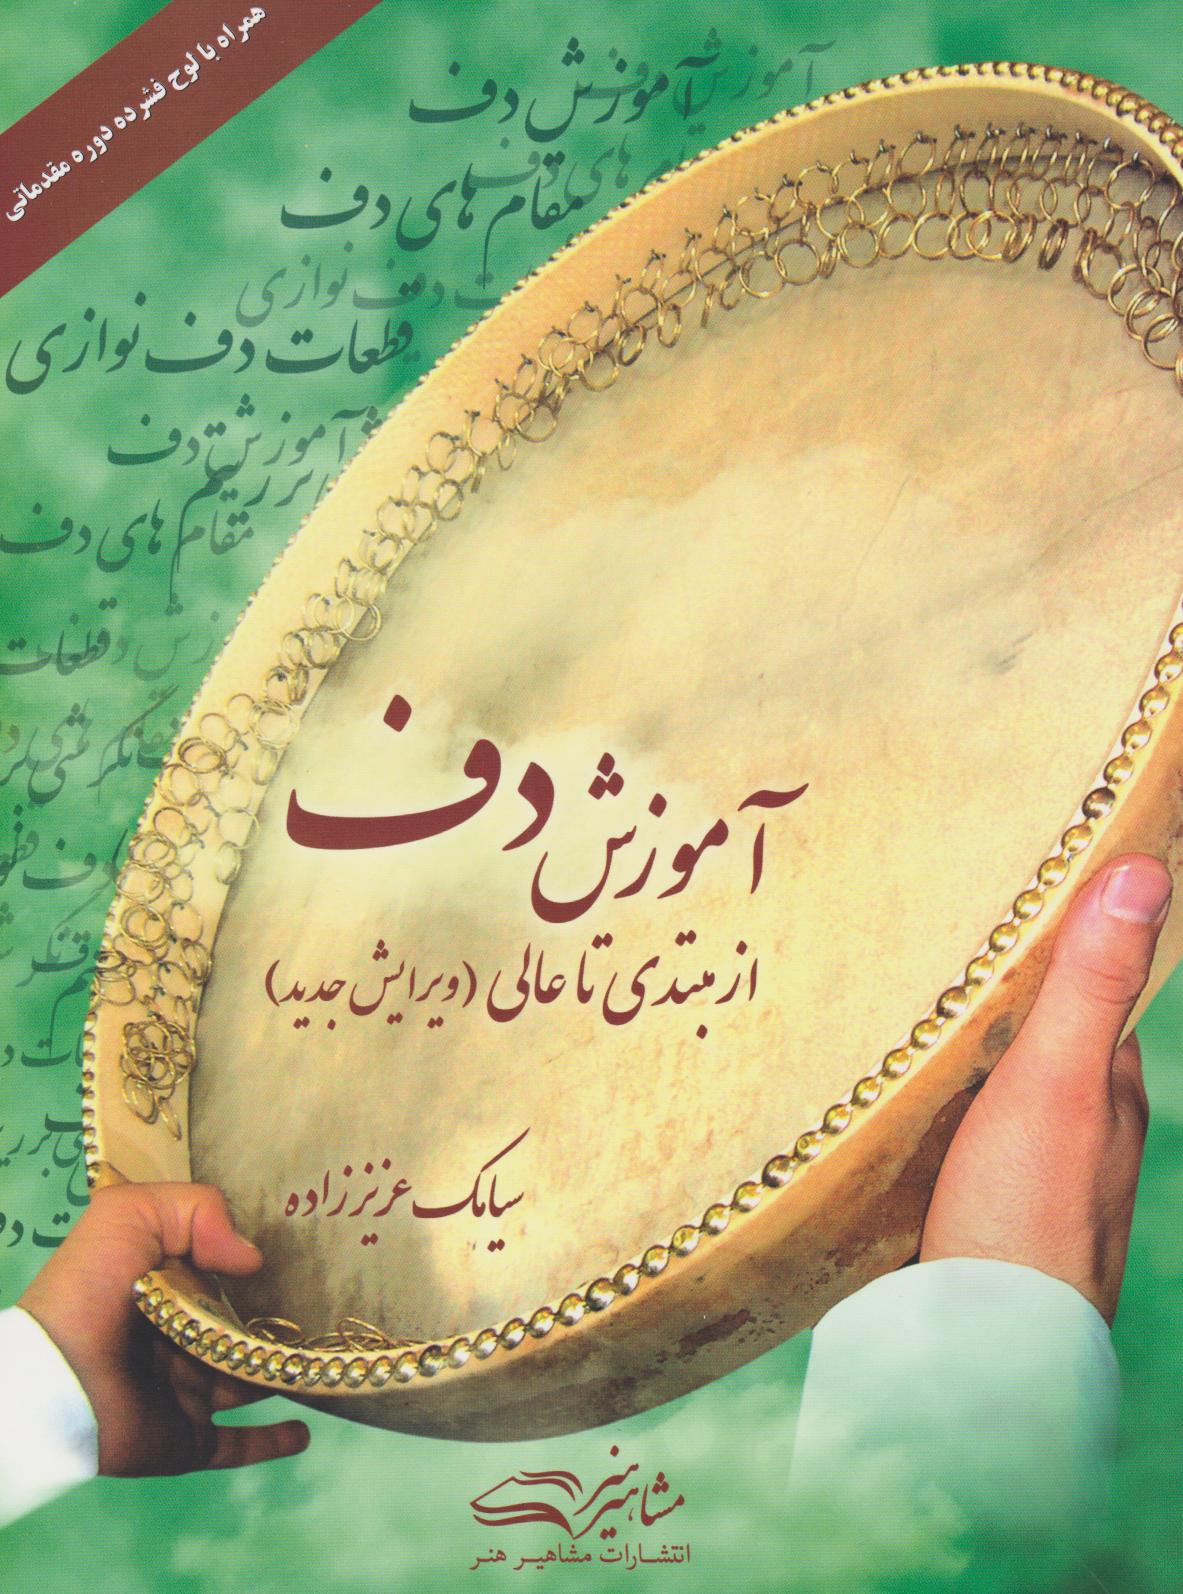 کتاب آموزش دف سیامک عزیززاده انتشارات مشاهیر هنر